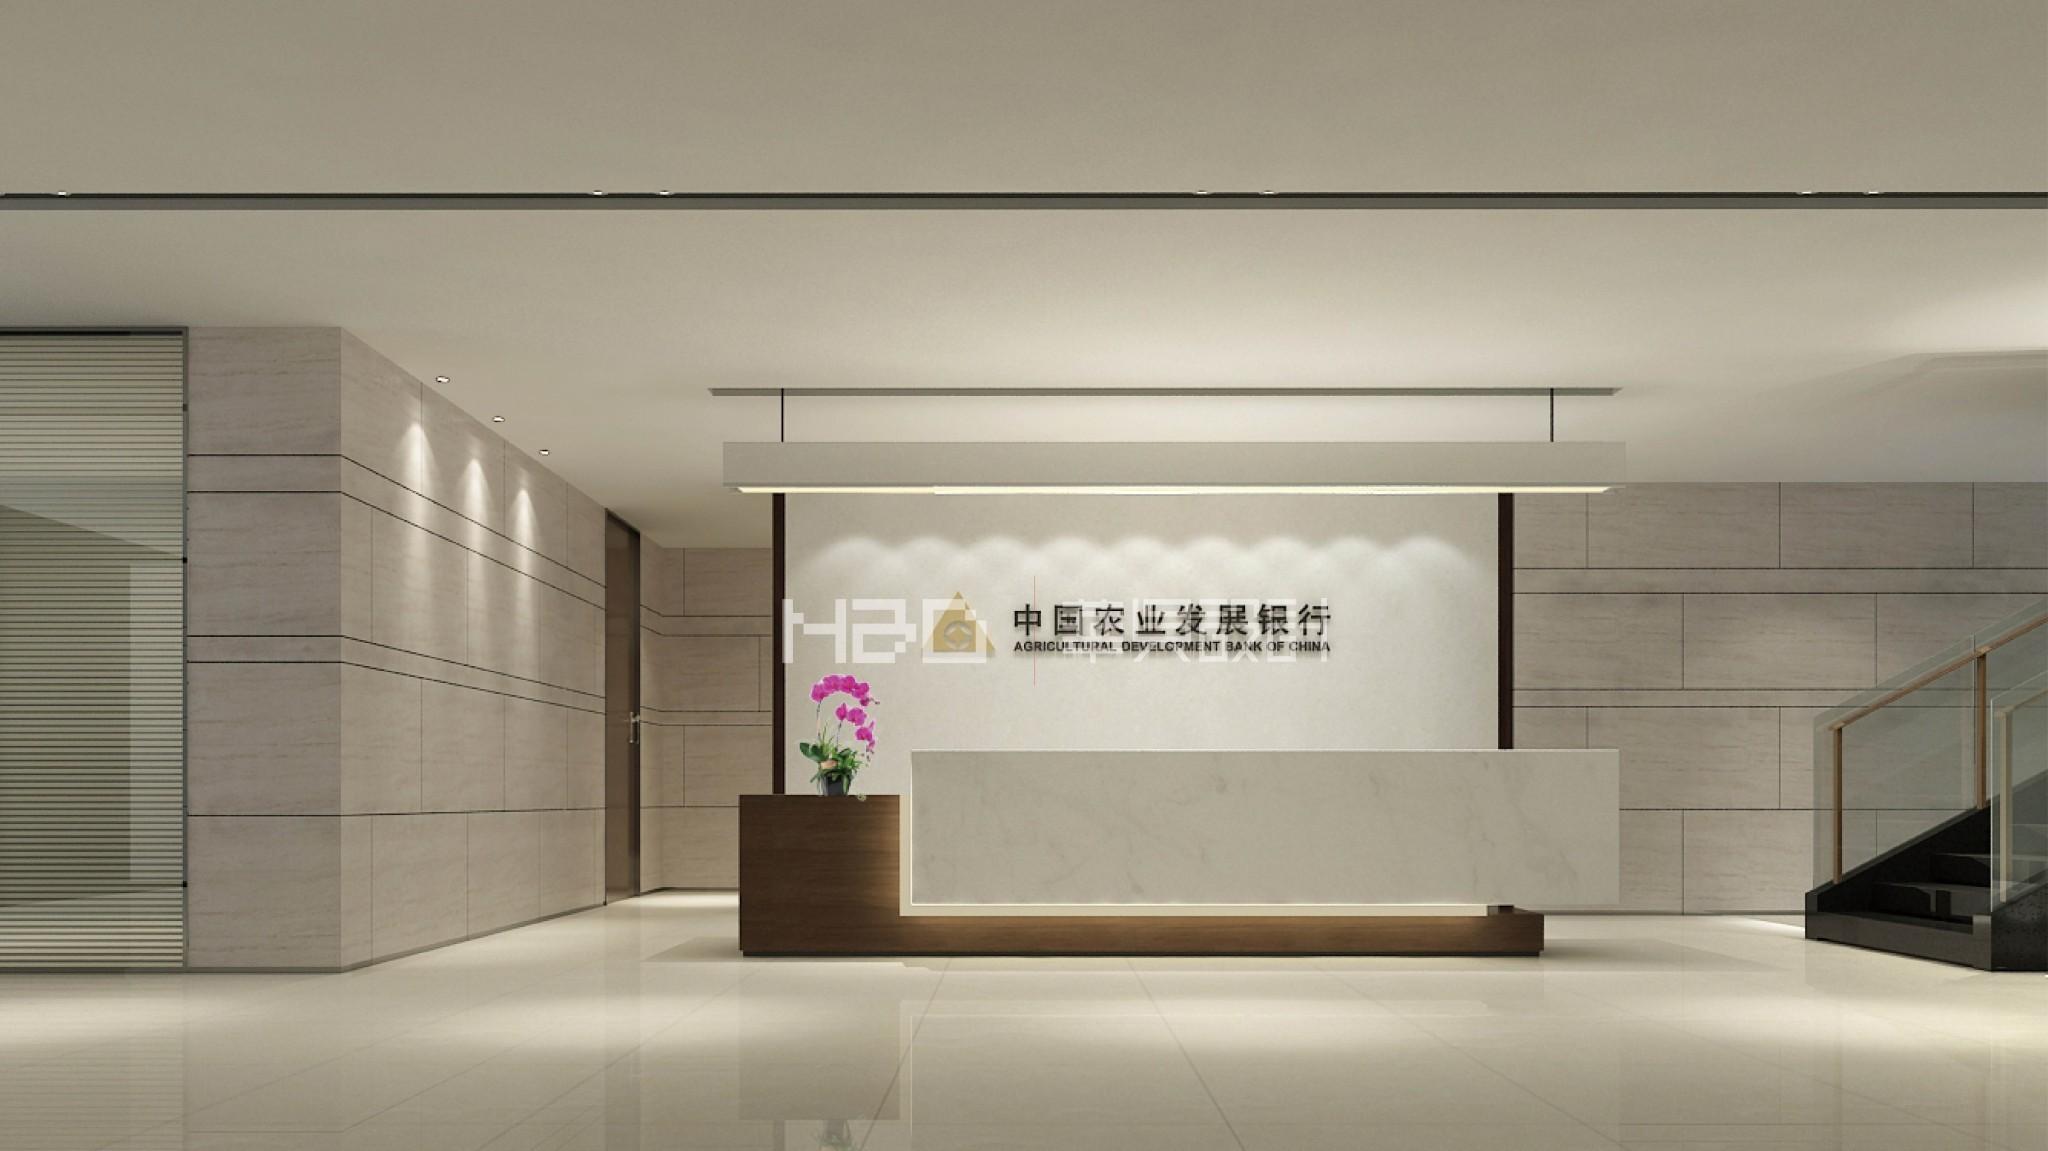 6中国农业发展银行深圳分行 (3)